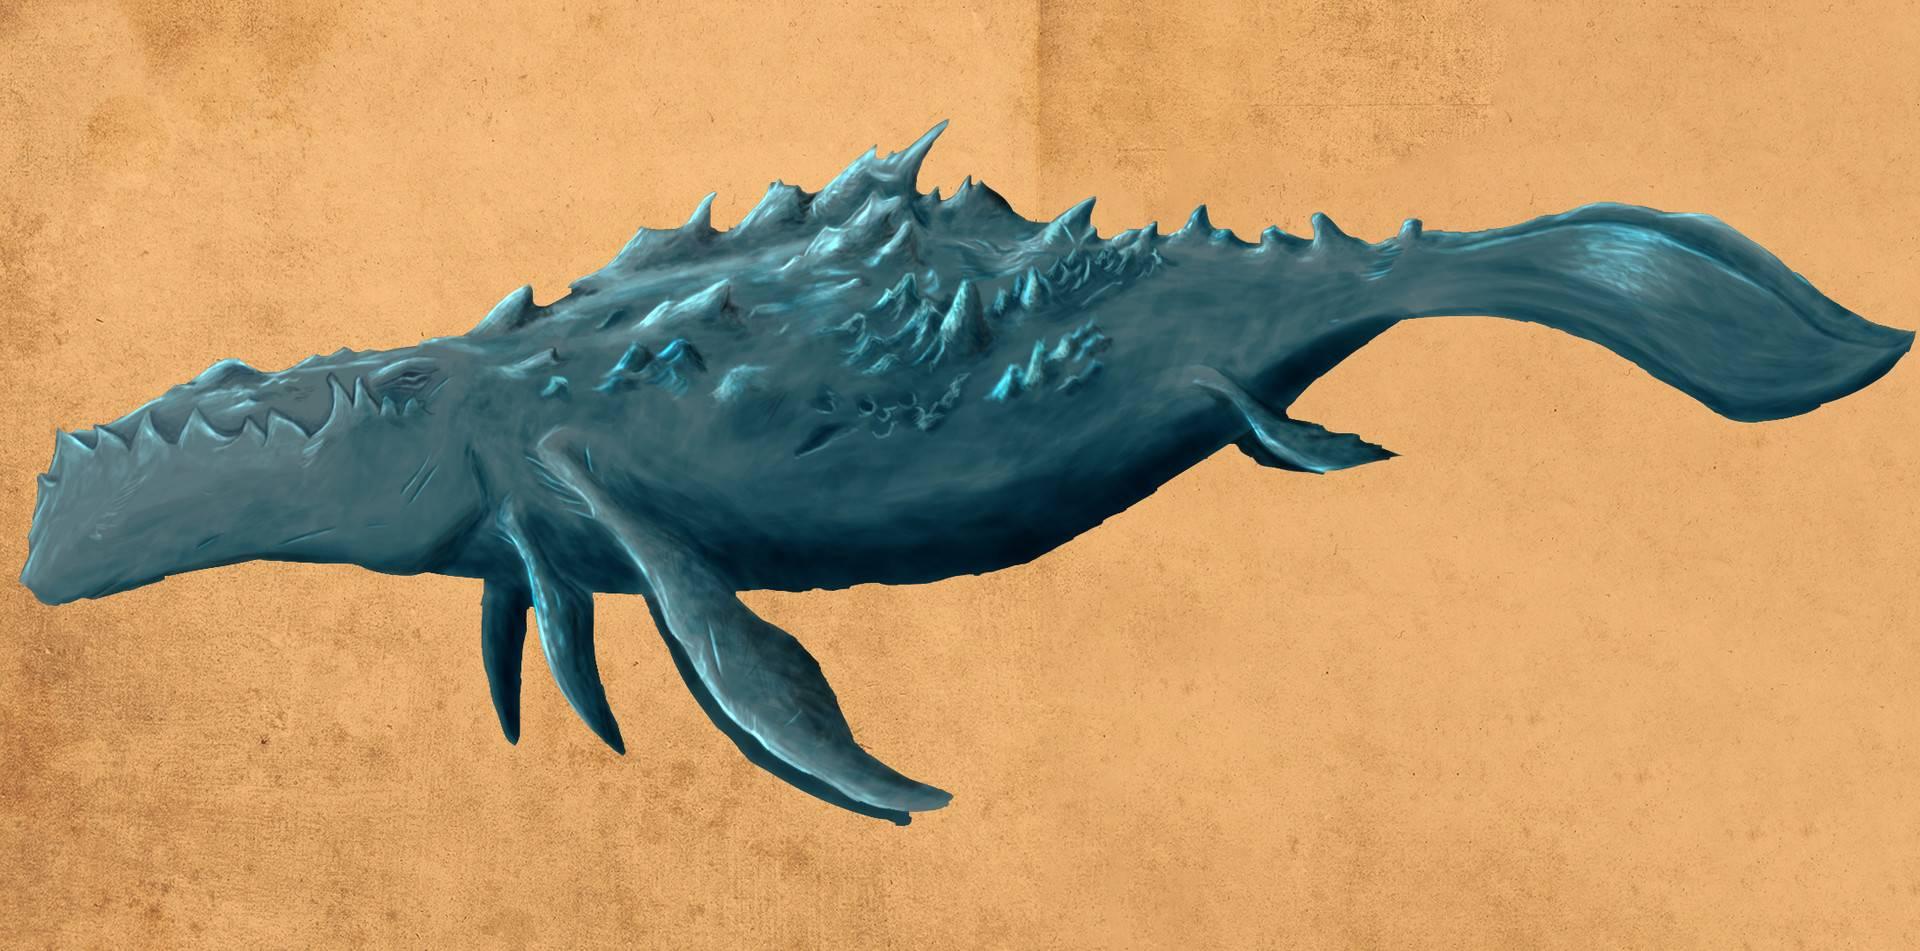 Левиафан - происхождения существа, легенды и мифы, значение в культуре - 24сми